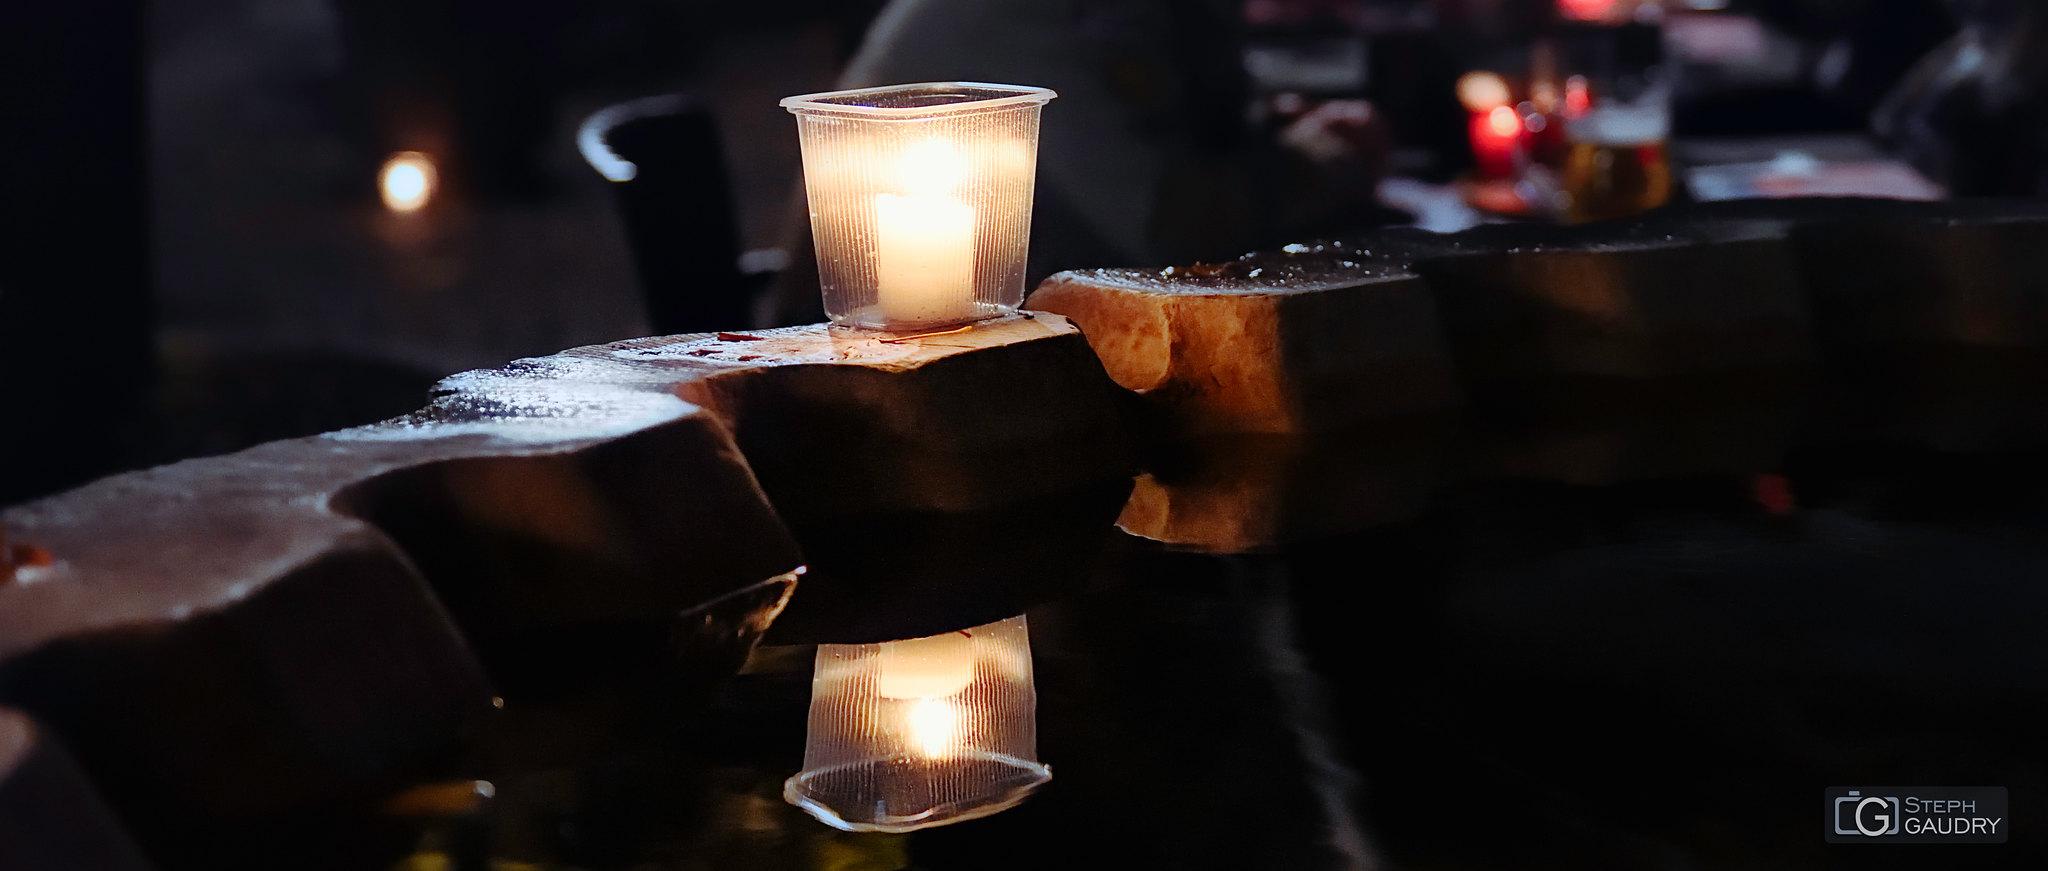 Nocturne des coteaux 2019 - reflets sur le Perron - ciné [Klik om de diavoorstelling te starten]